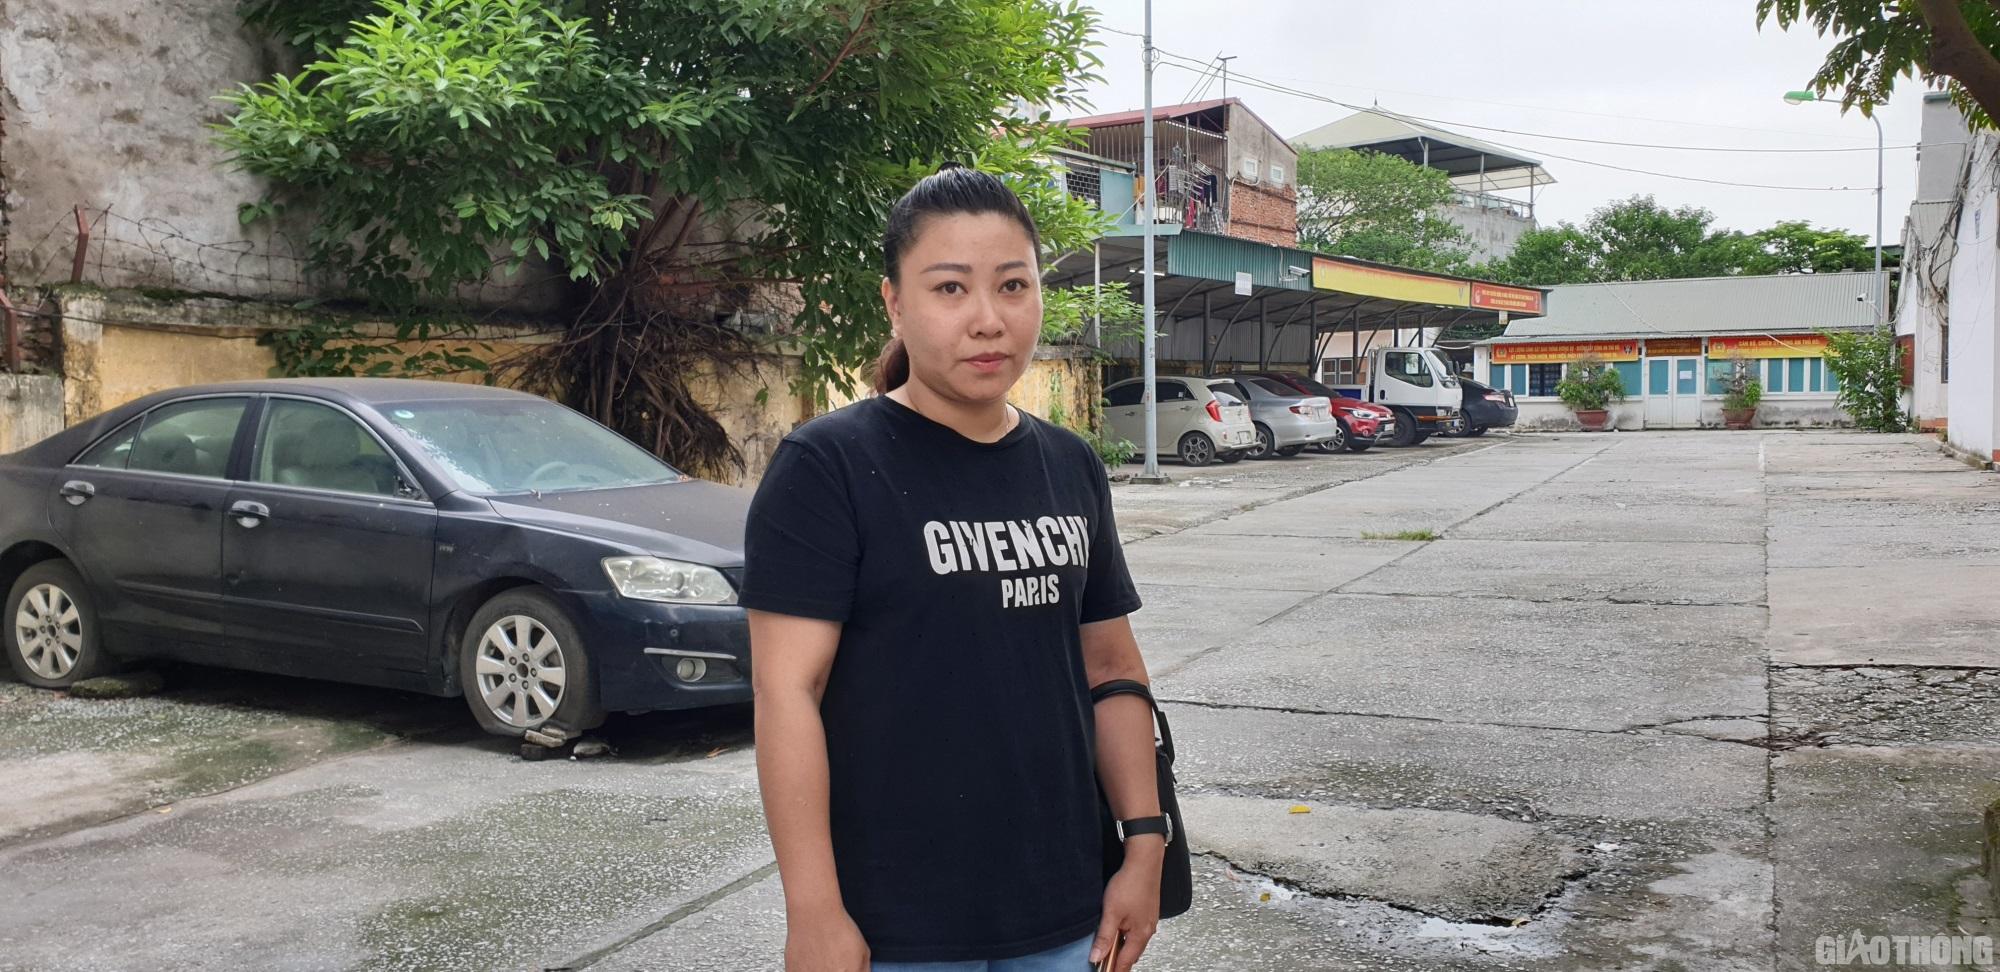 Nóng: Nữ hành khách 'đại náo' sân bay Tân Sơn Nhất bị cấm bay 1 năm  - Ảnh 1